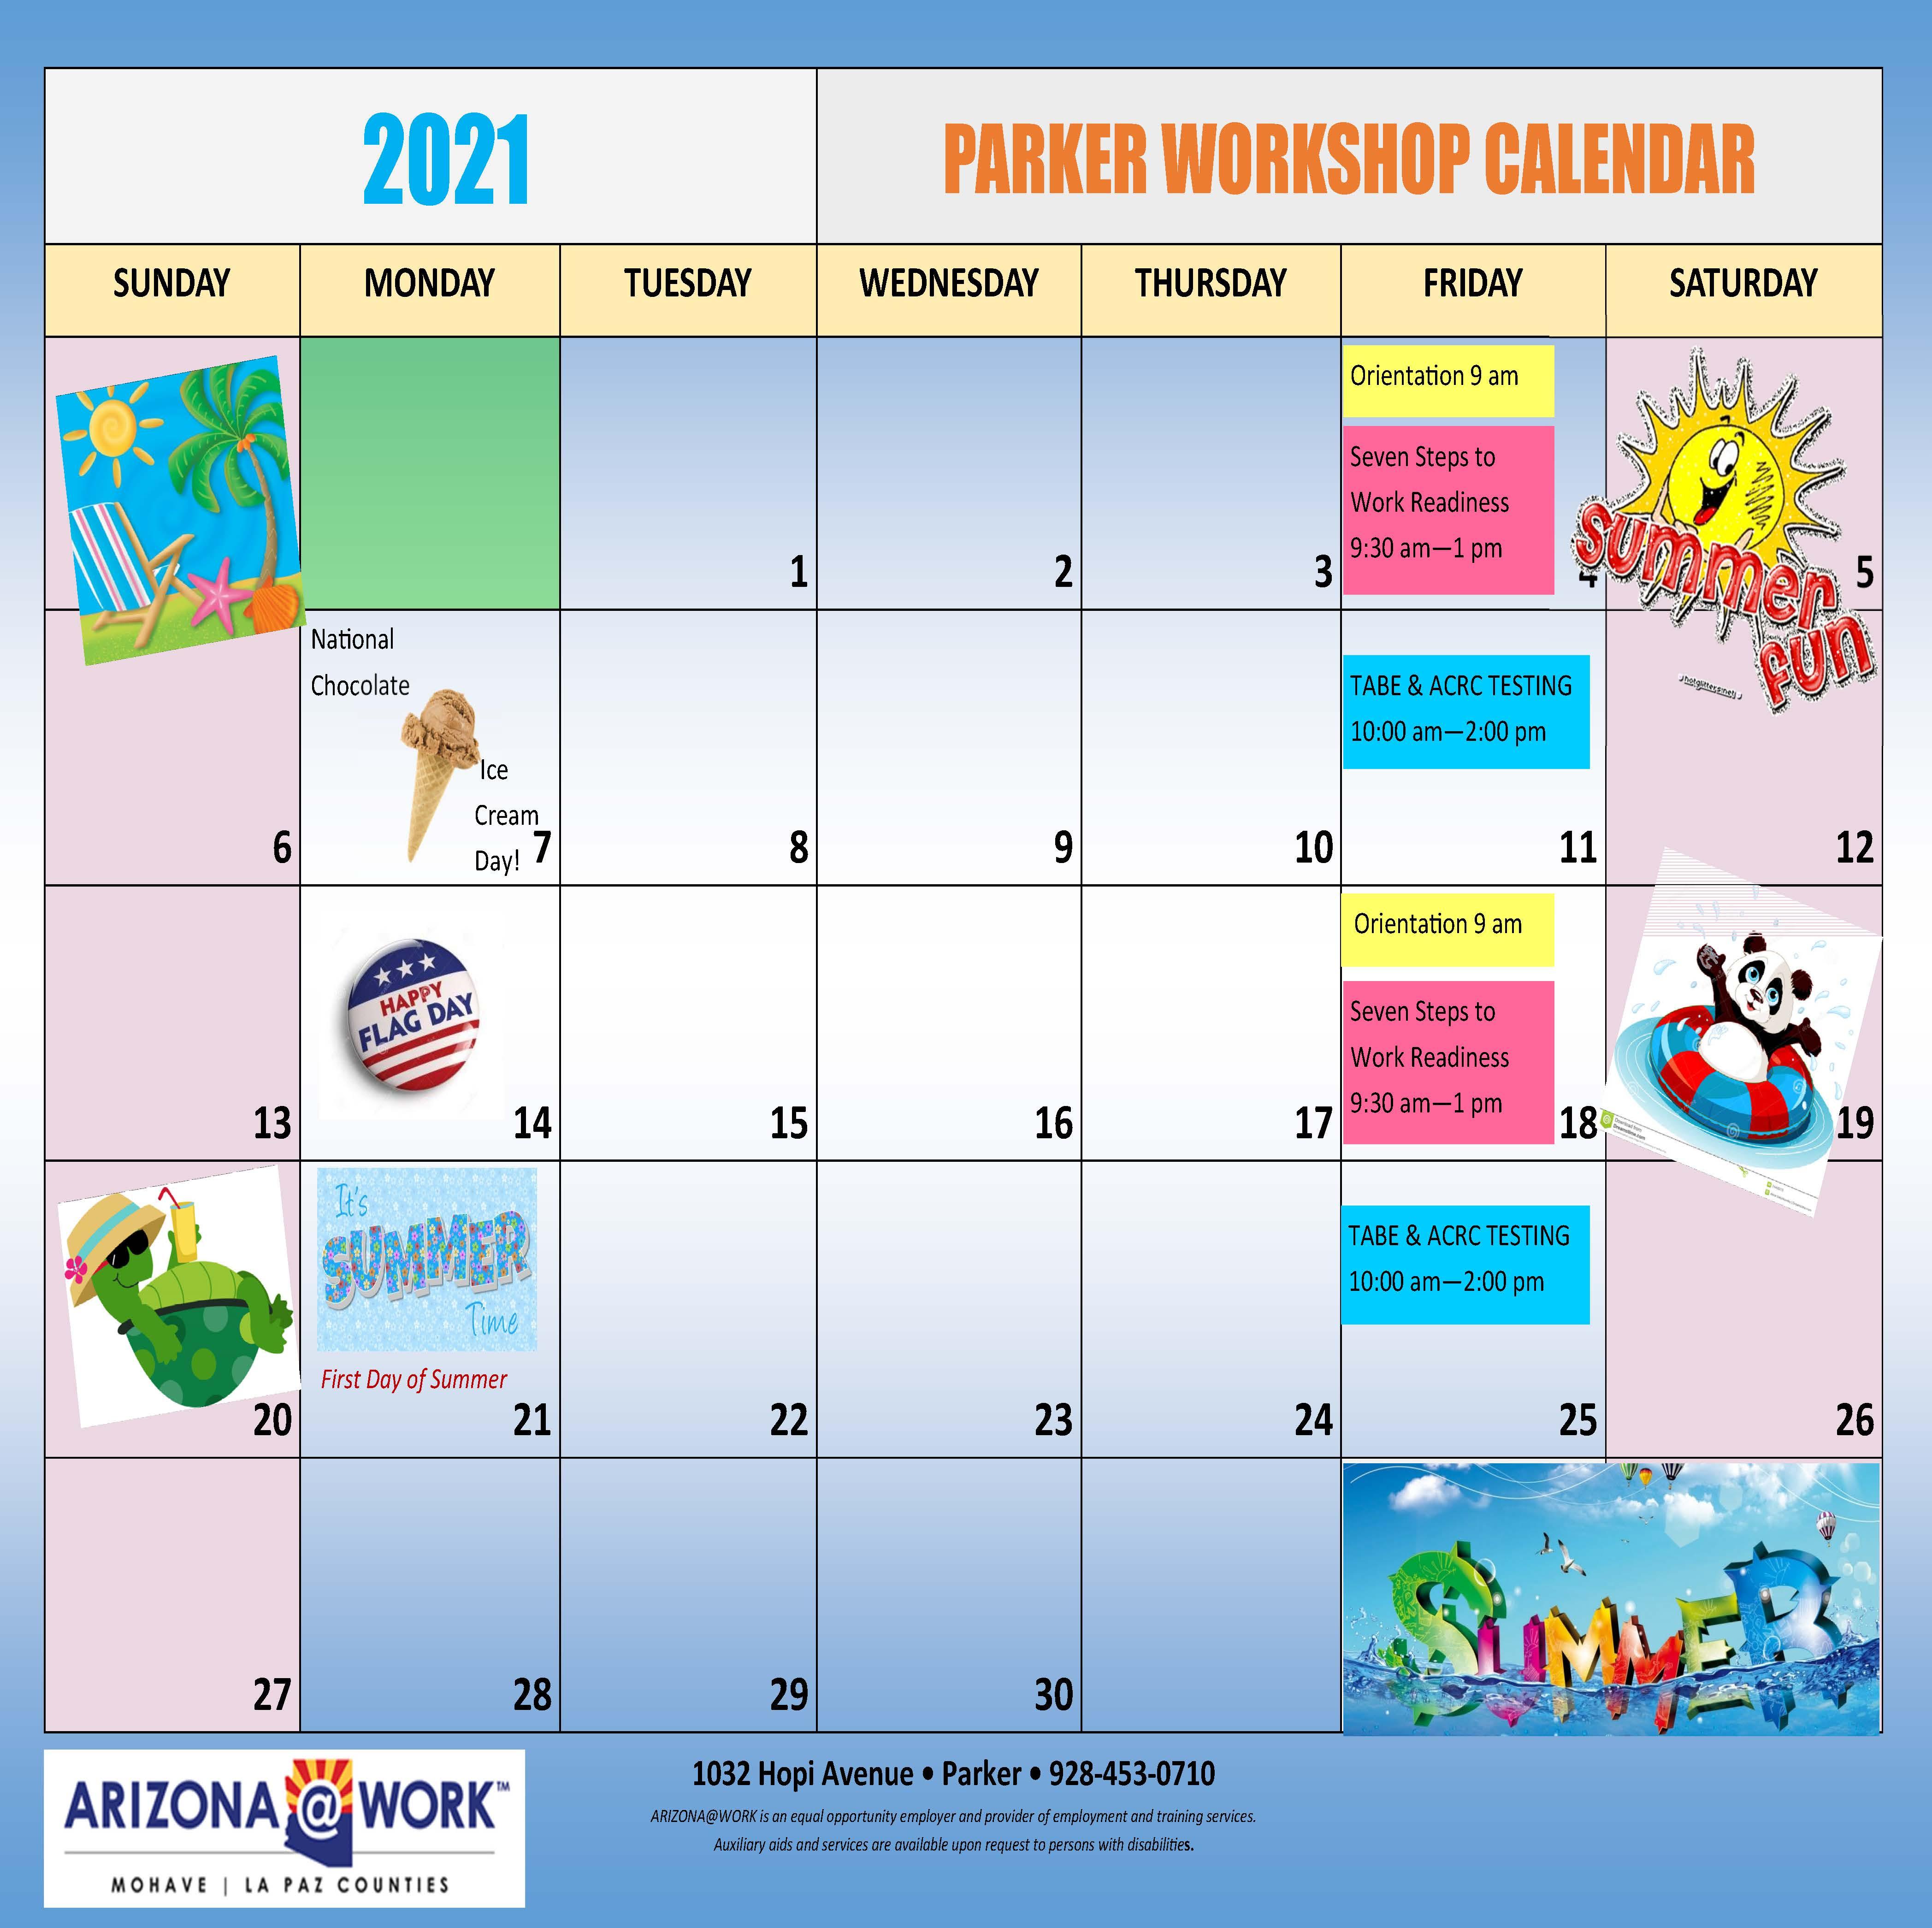 PARKER-June 2021